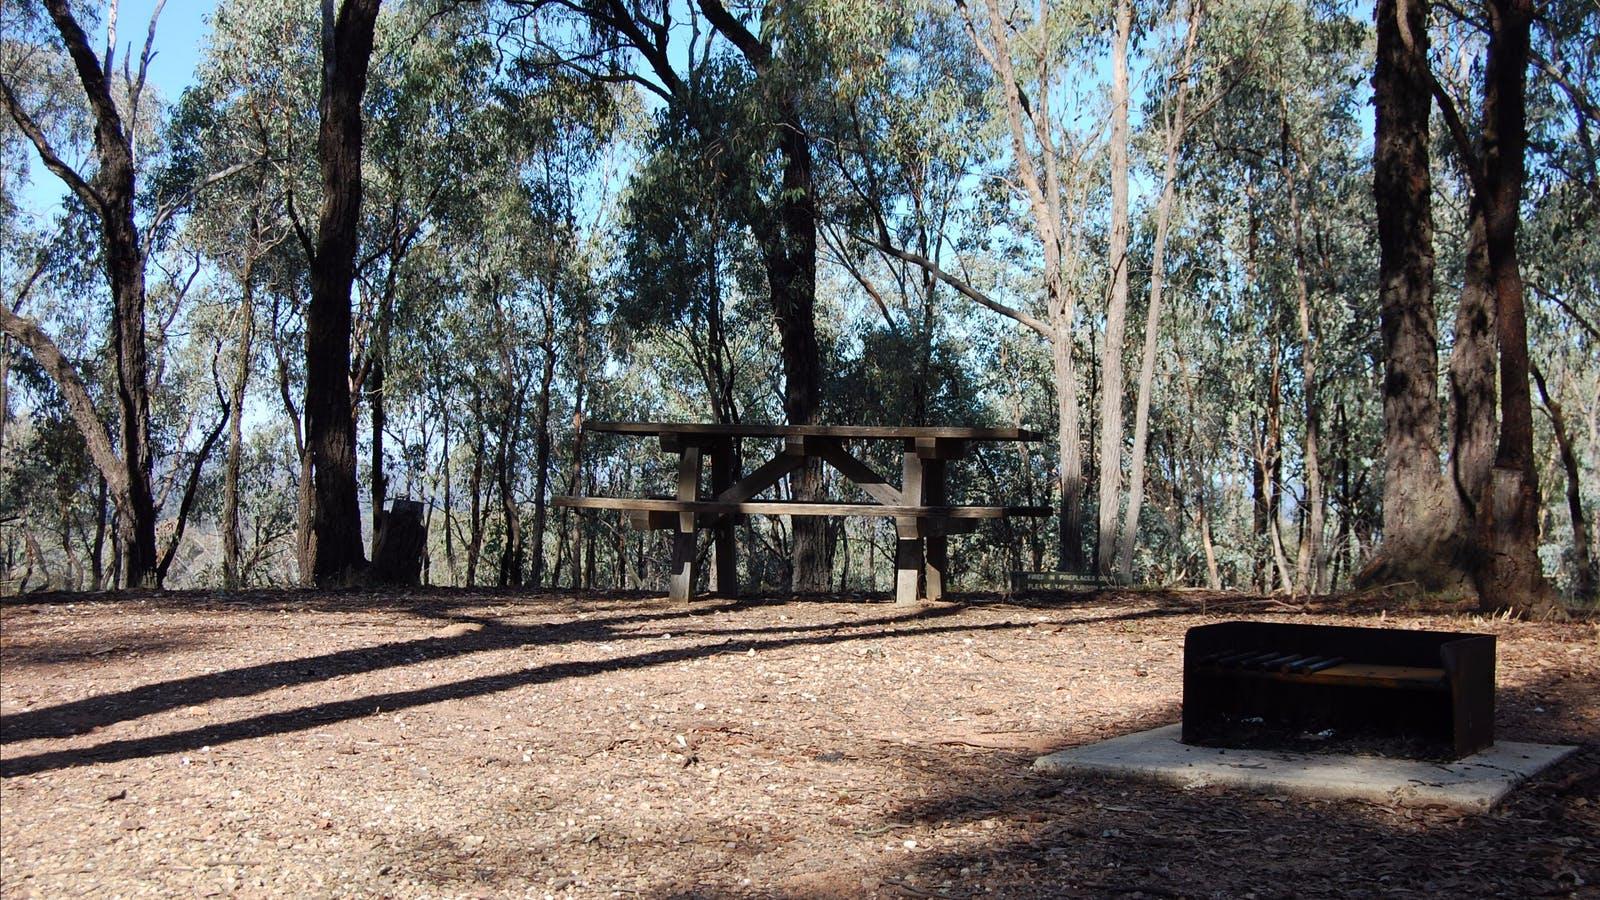 Donchi Hill picnic area